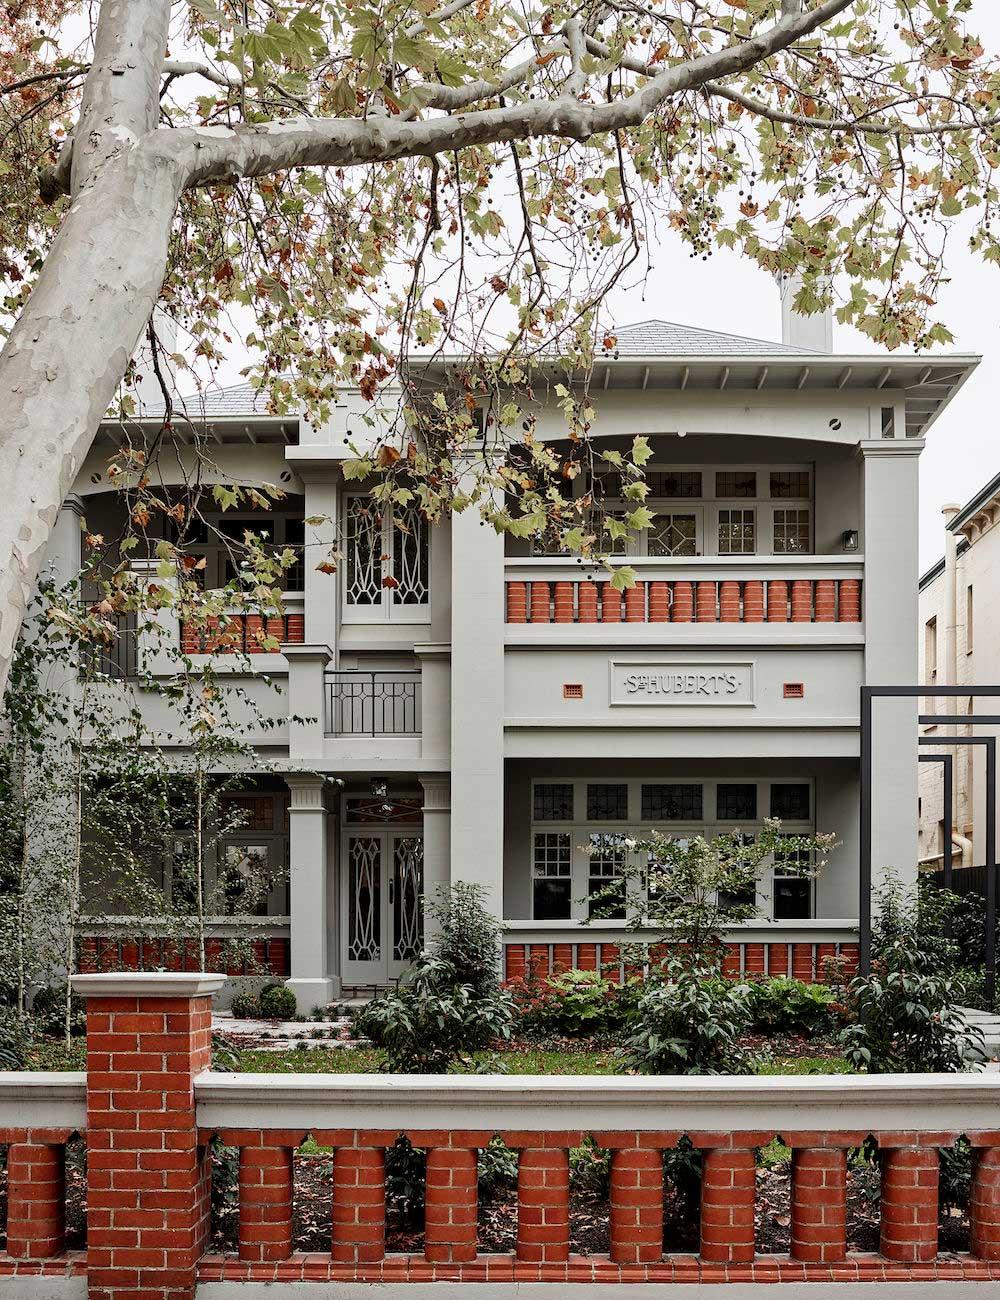 Особняк 1910 года с витражами и стильным современным интерьером в Мельбурне